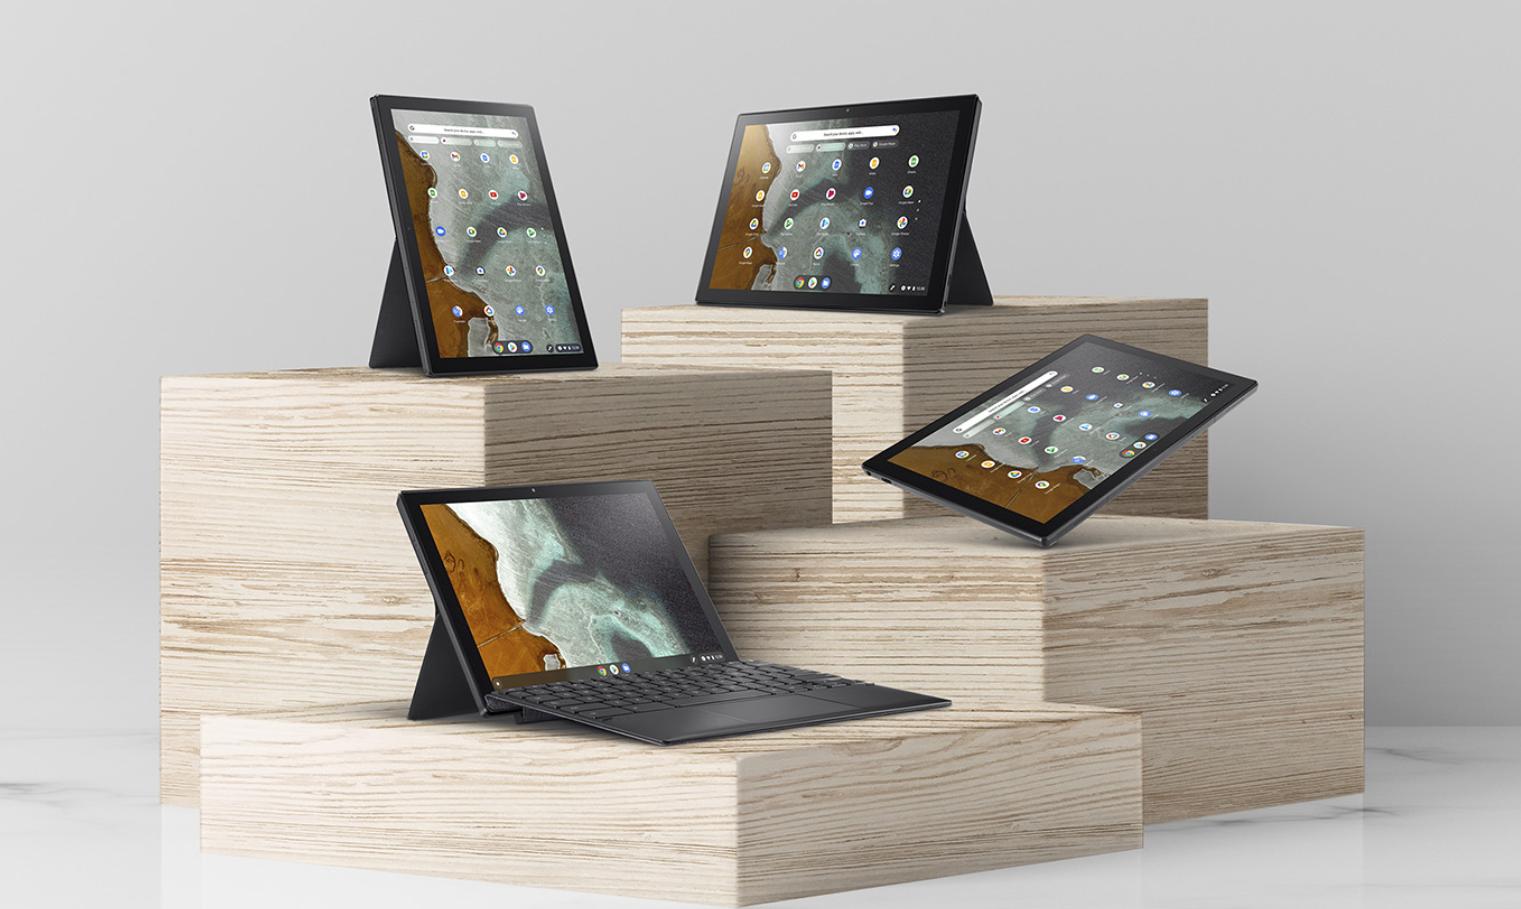 L'Asus Chromebook détachable CM3 les différentes position